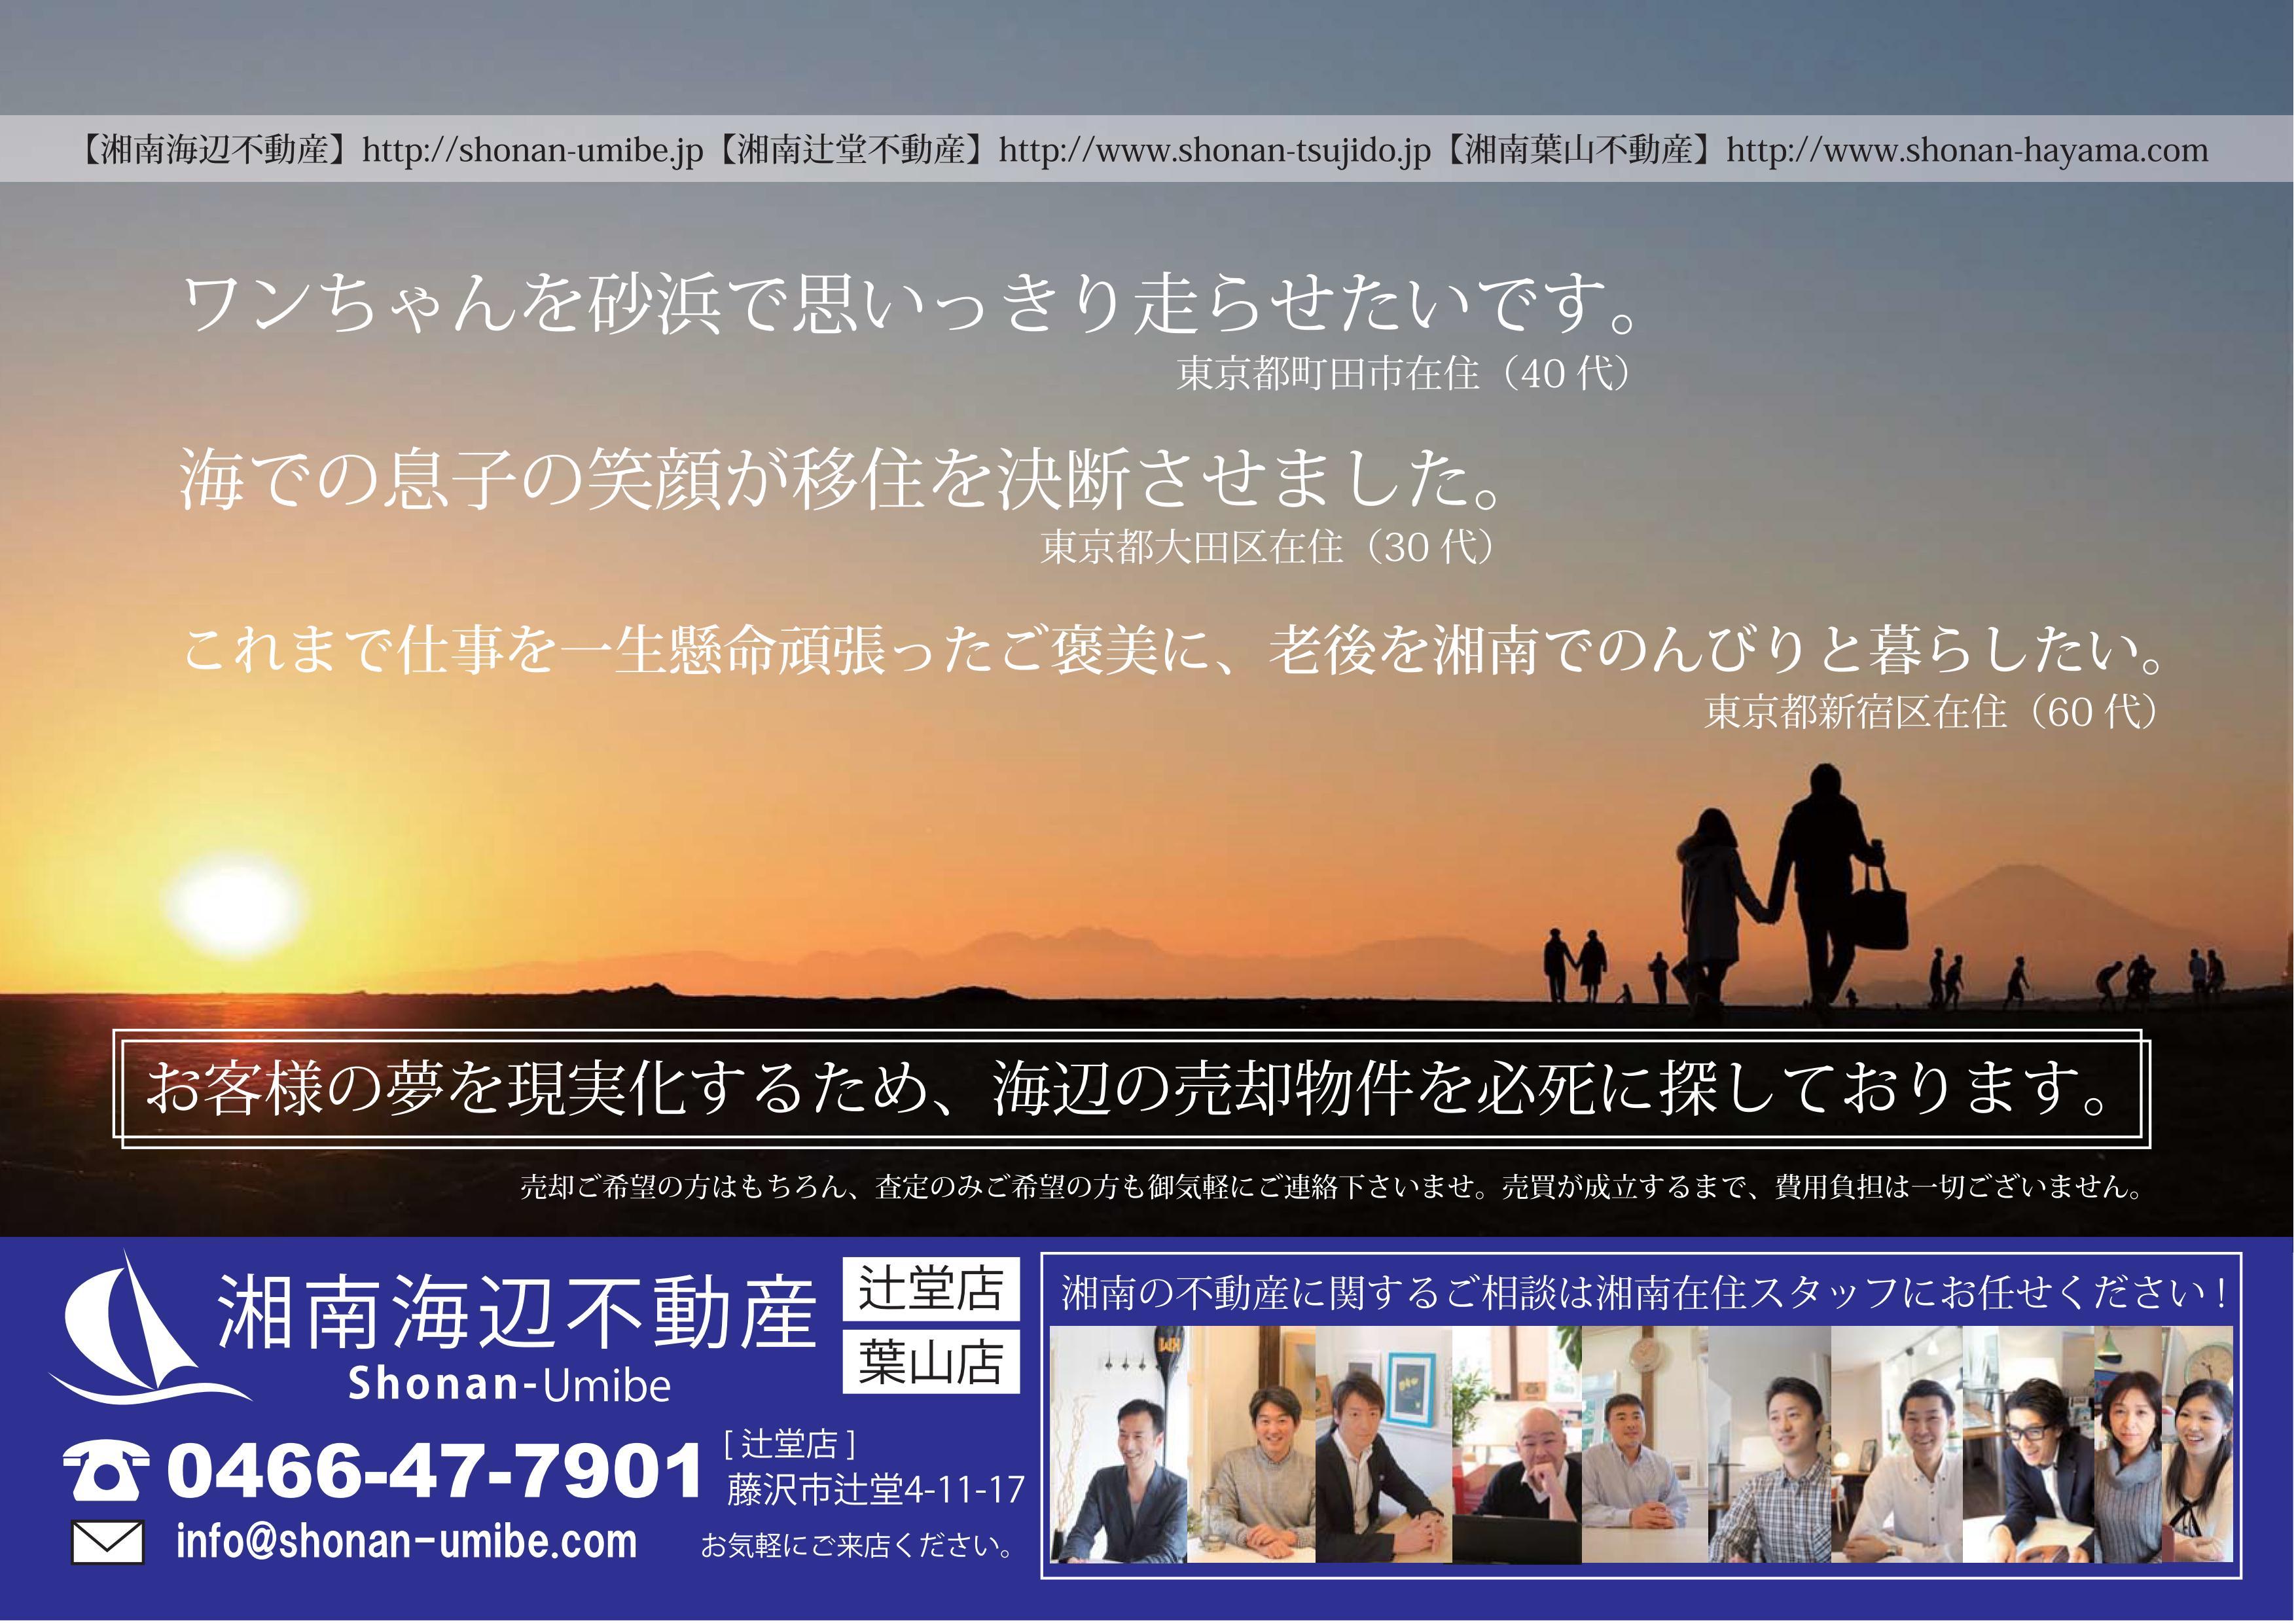 【急募】不動産売却について|湘南エリアの売却物件探してます